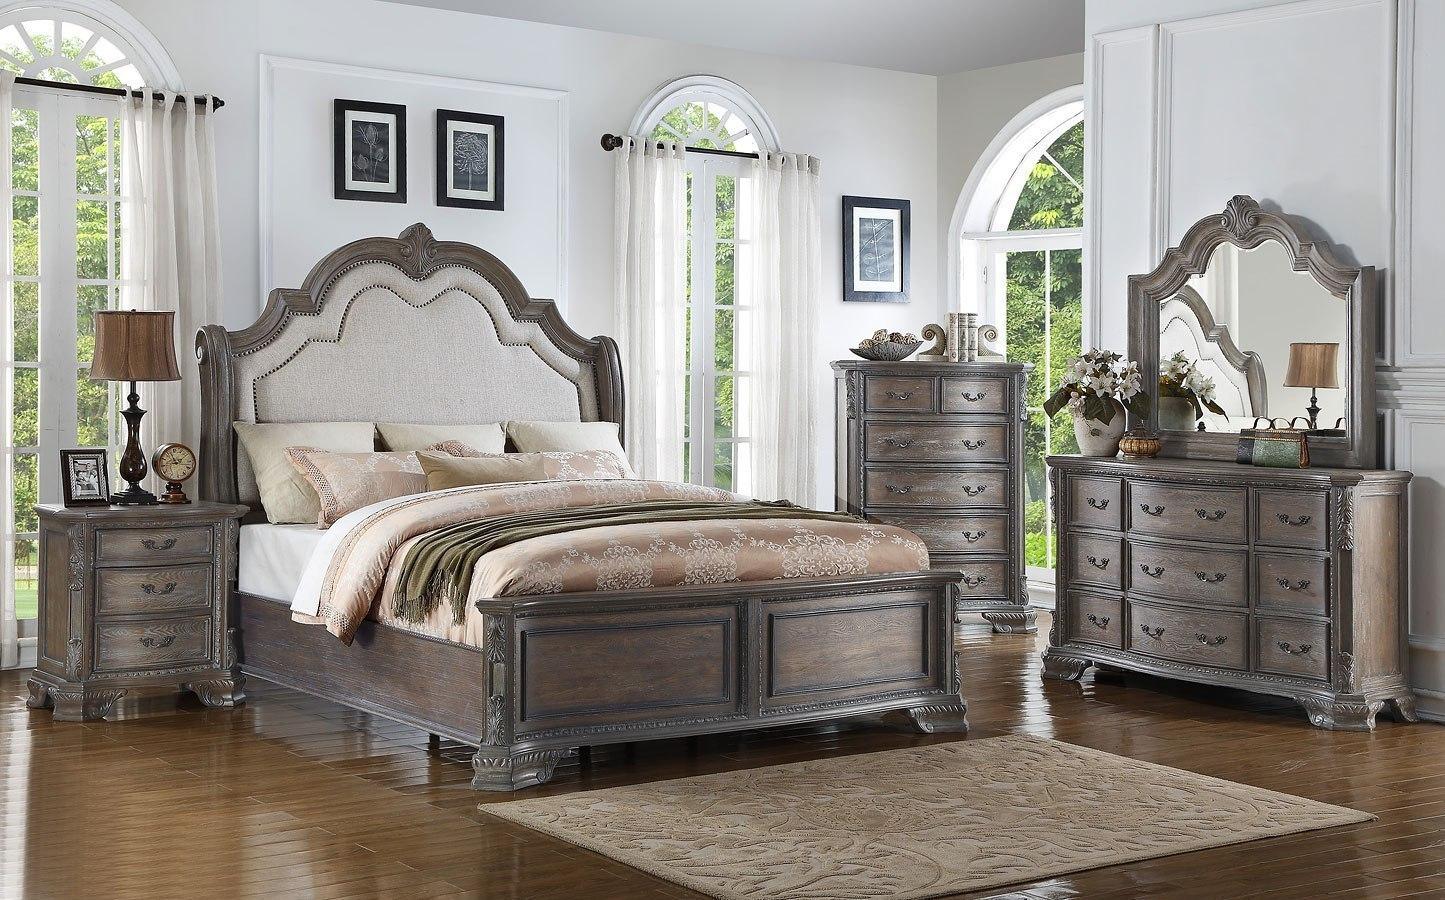 Sheffield panel bedroom set antique grey by crown mark furniture furniturepick for Antique grey bedroom furniture